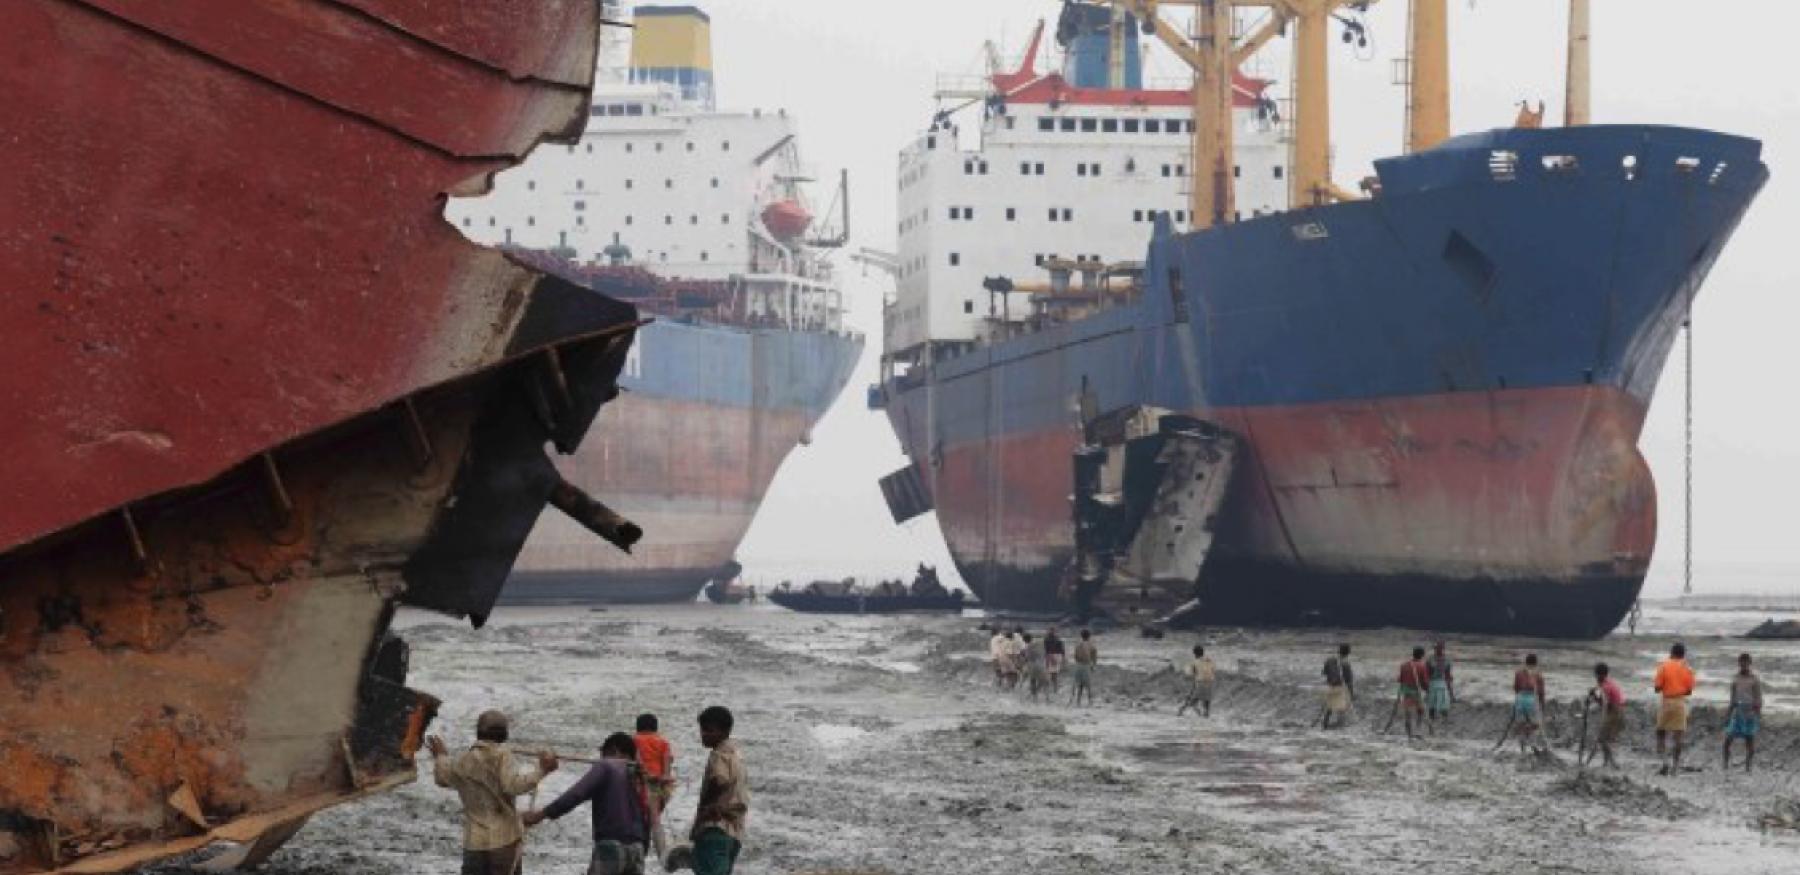 ship-dismantling-3.png?itok=zpA2j0mx